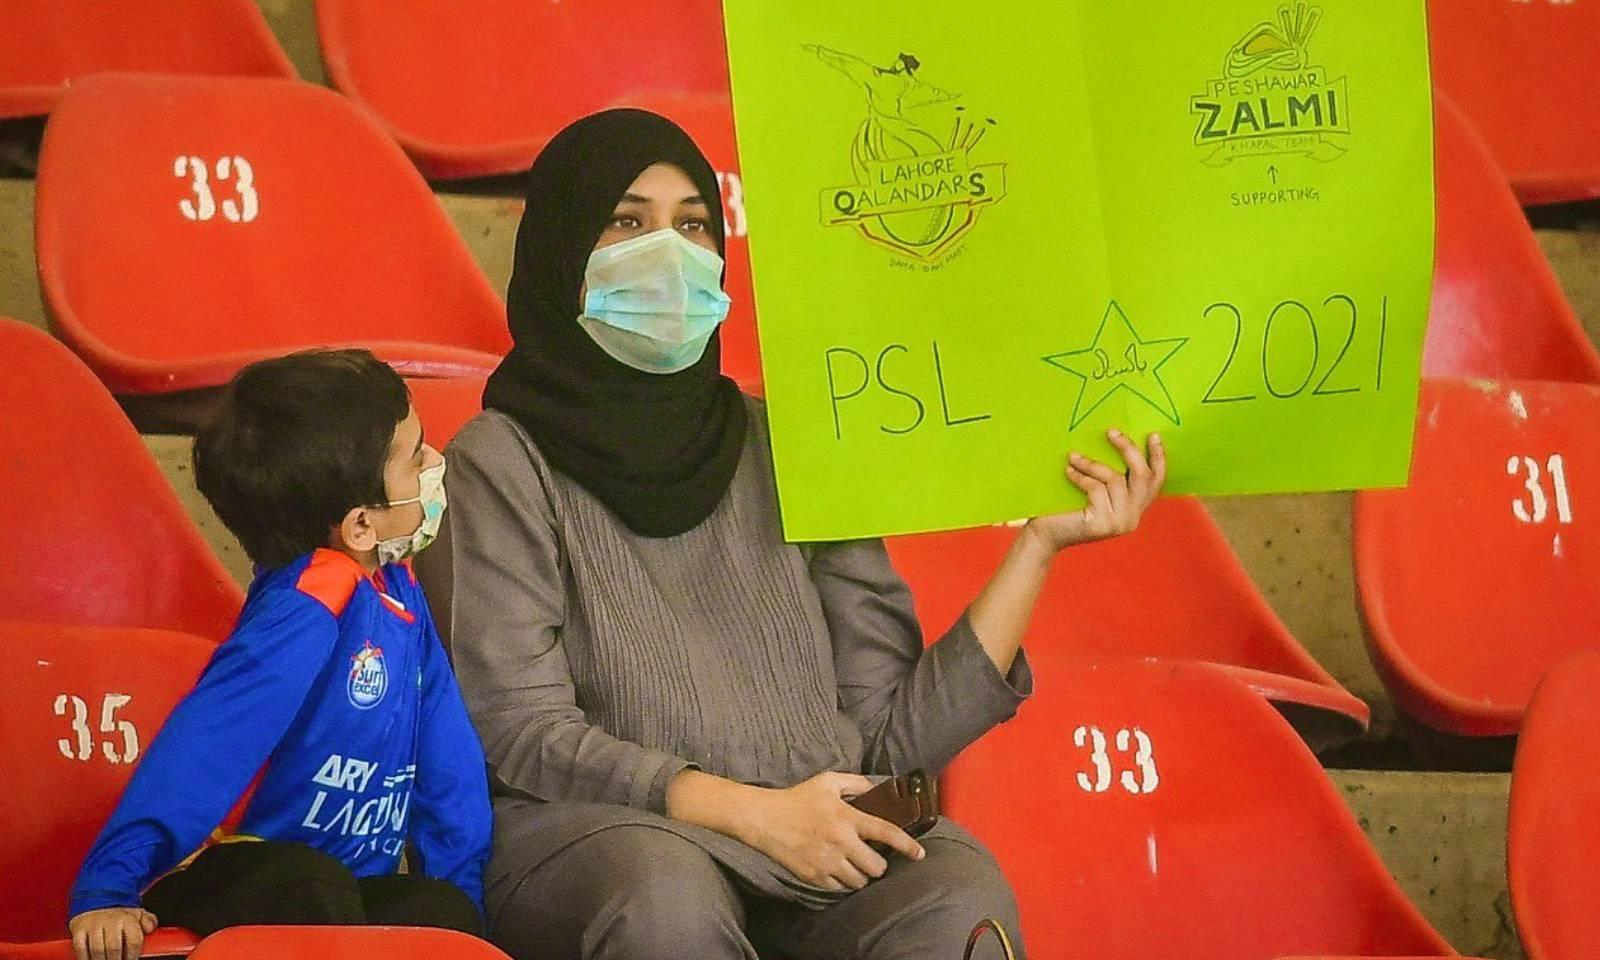 نیشنل اسٹیڈیم کراچی میں تماشائیوں کی محدود تعداد موجود تھی —فوٹو:پی ایس ایل ٹوئٹر